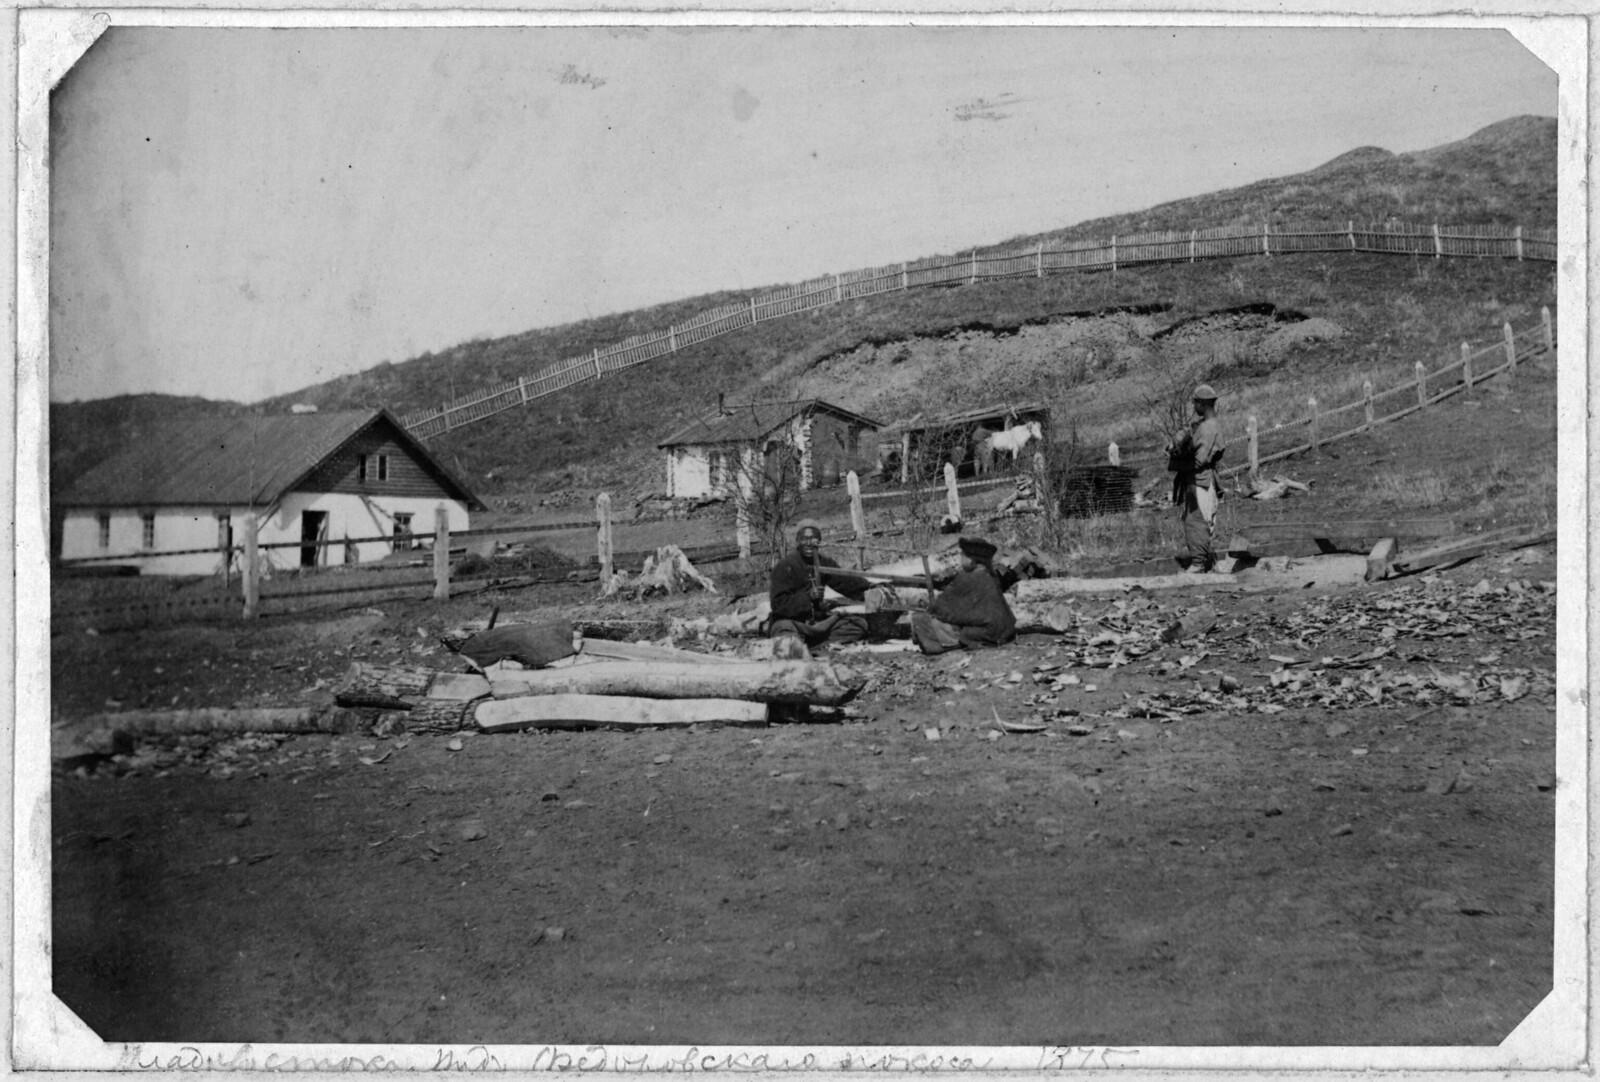 Вид Федоровского покоса во Владивостоке. 1875.